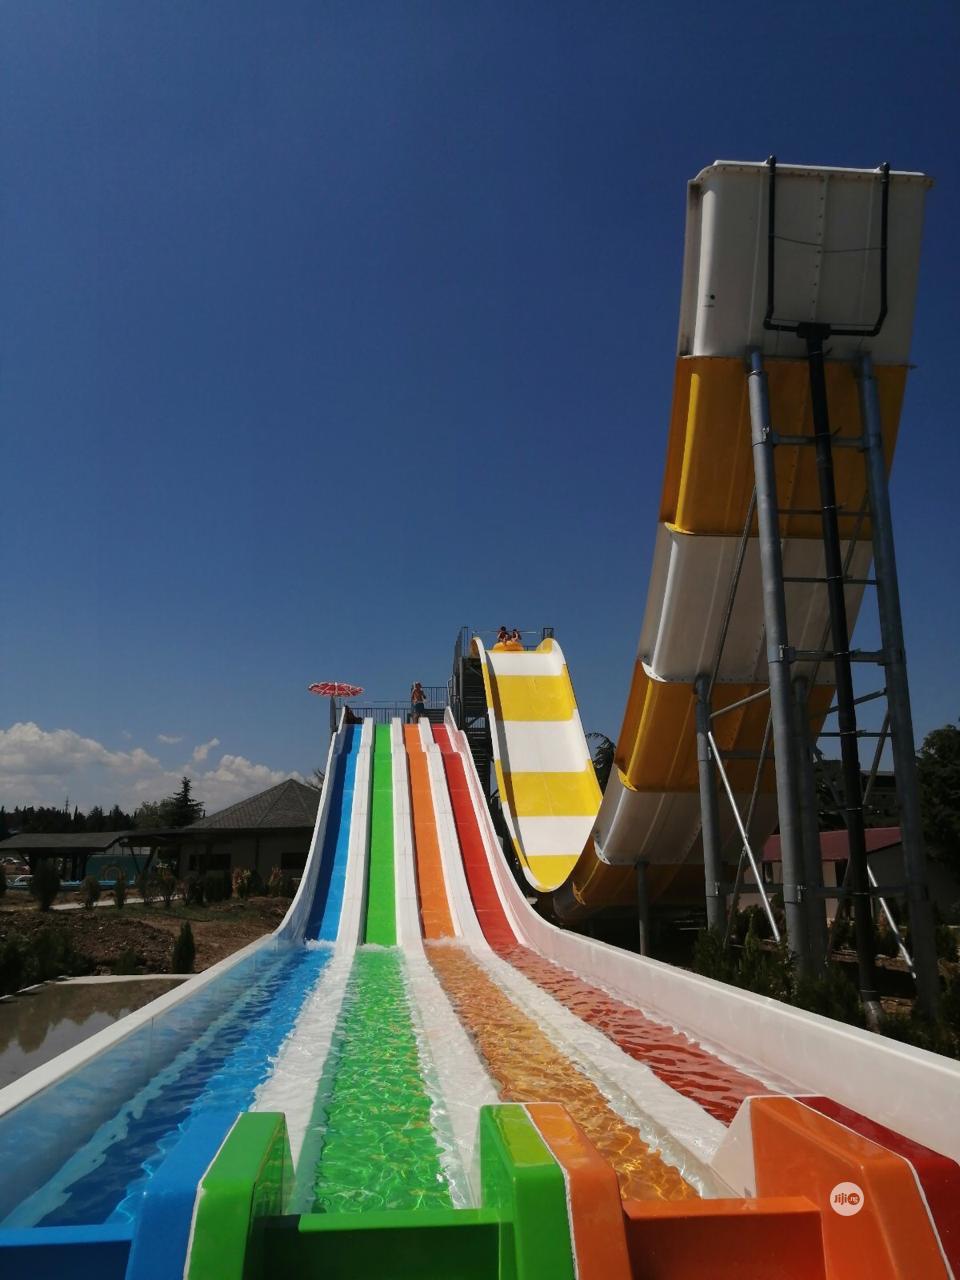 Water Slides for Playground Development